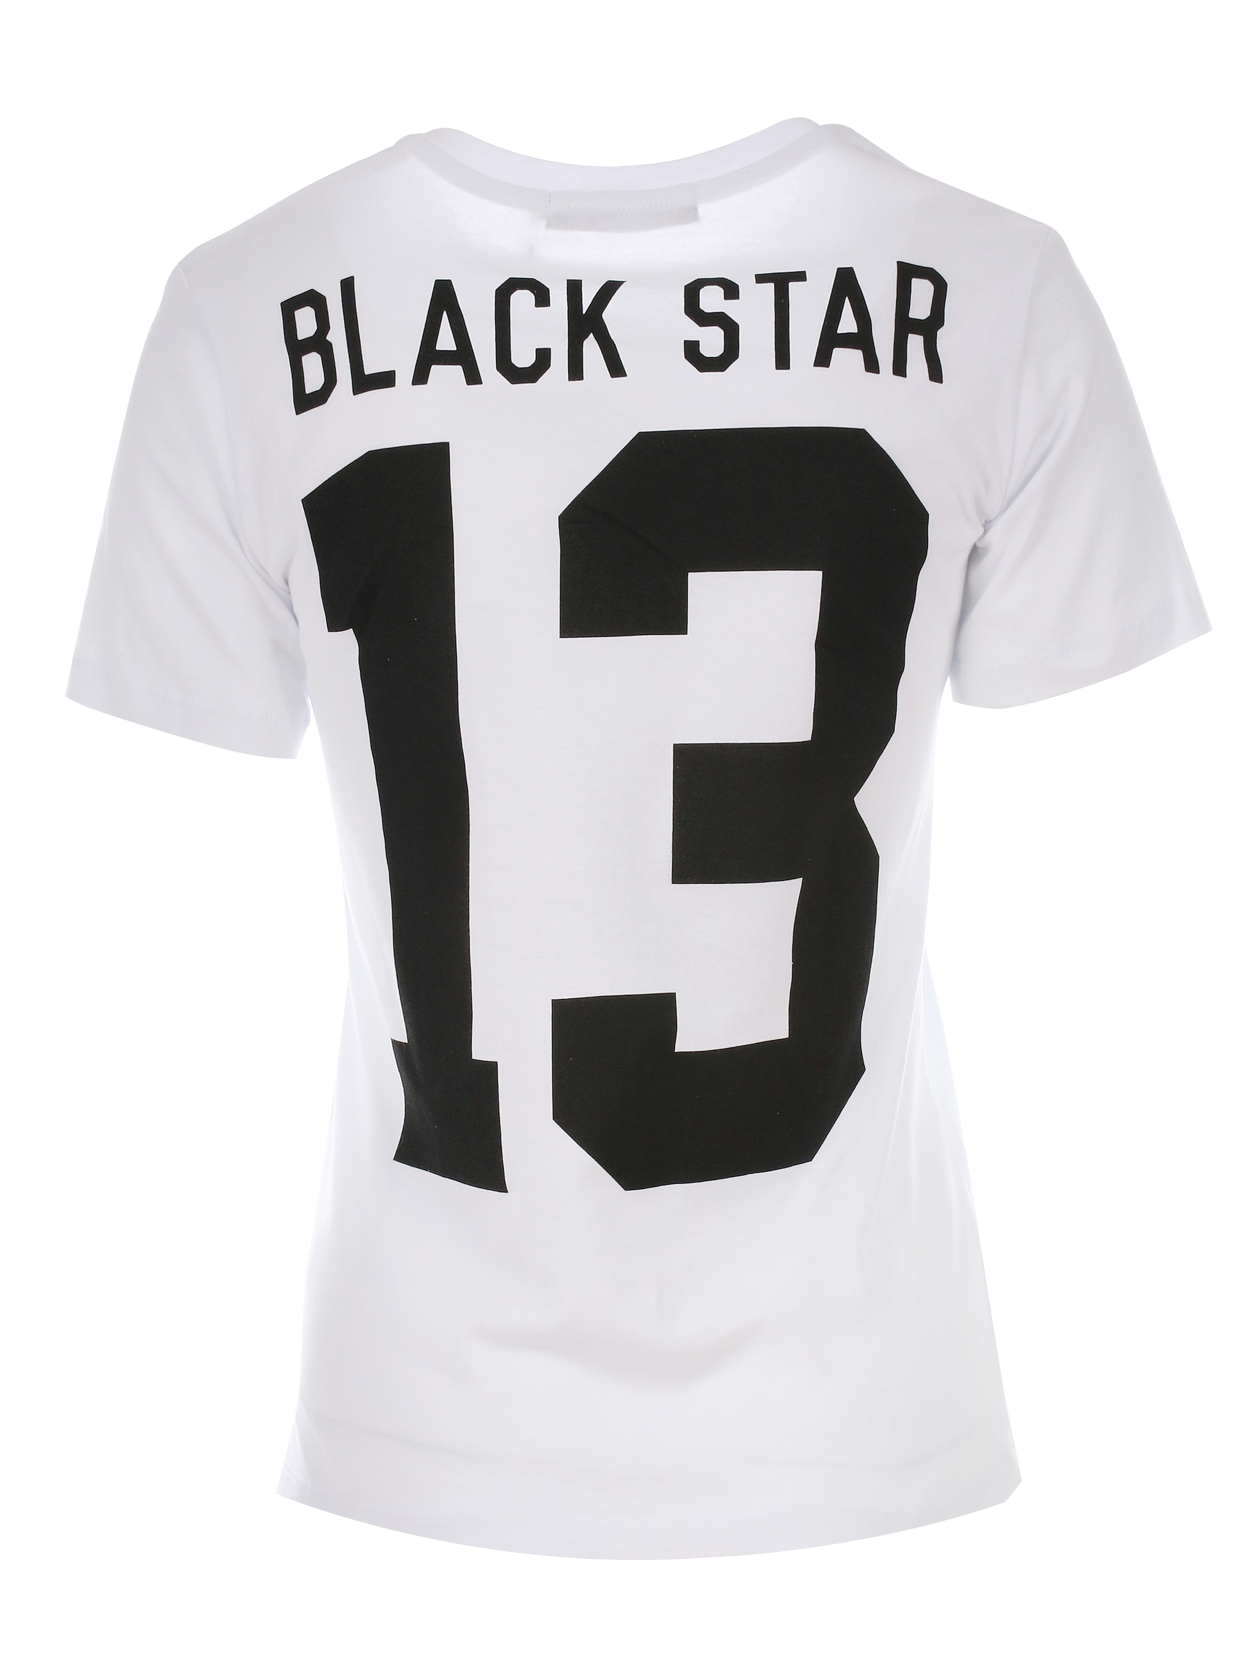 Футболка женская 13Женская футболка Black Star Wear. Модель полусвободного кроя с небольшим рукавом и округлой горловиной. Большой принт Black Star 13 на спине. Выполнена из высококачественного хлопкового полотна. Доступна в белом и чёрном цветах.<br><br>Размер: L<br>Цвет: Белый<br>Пол: Женский